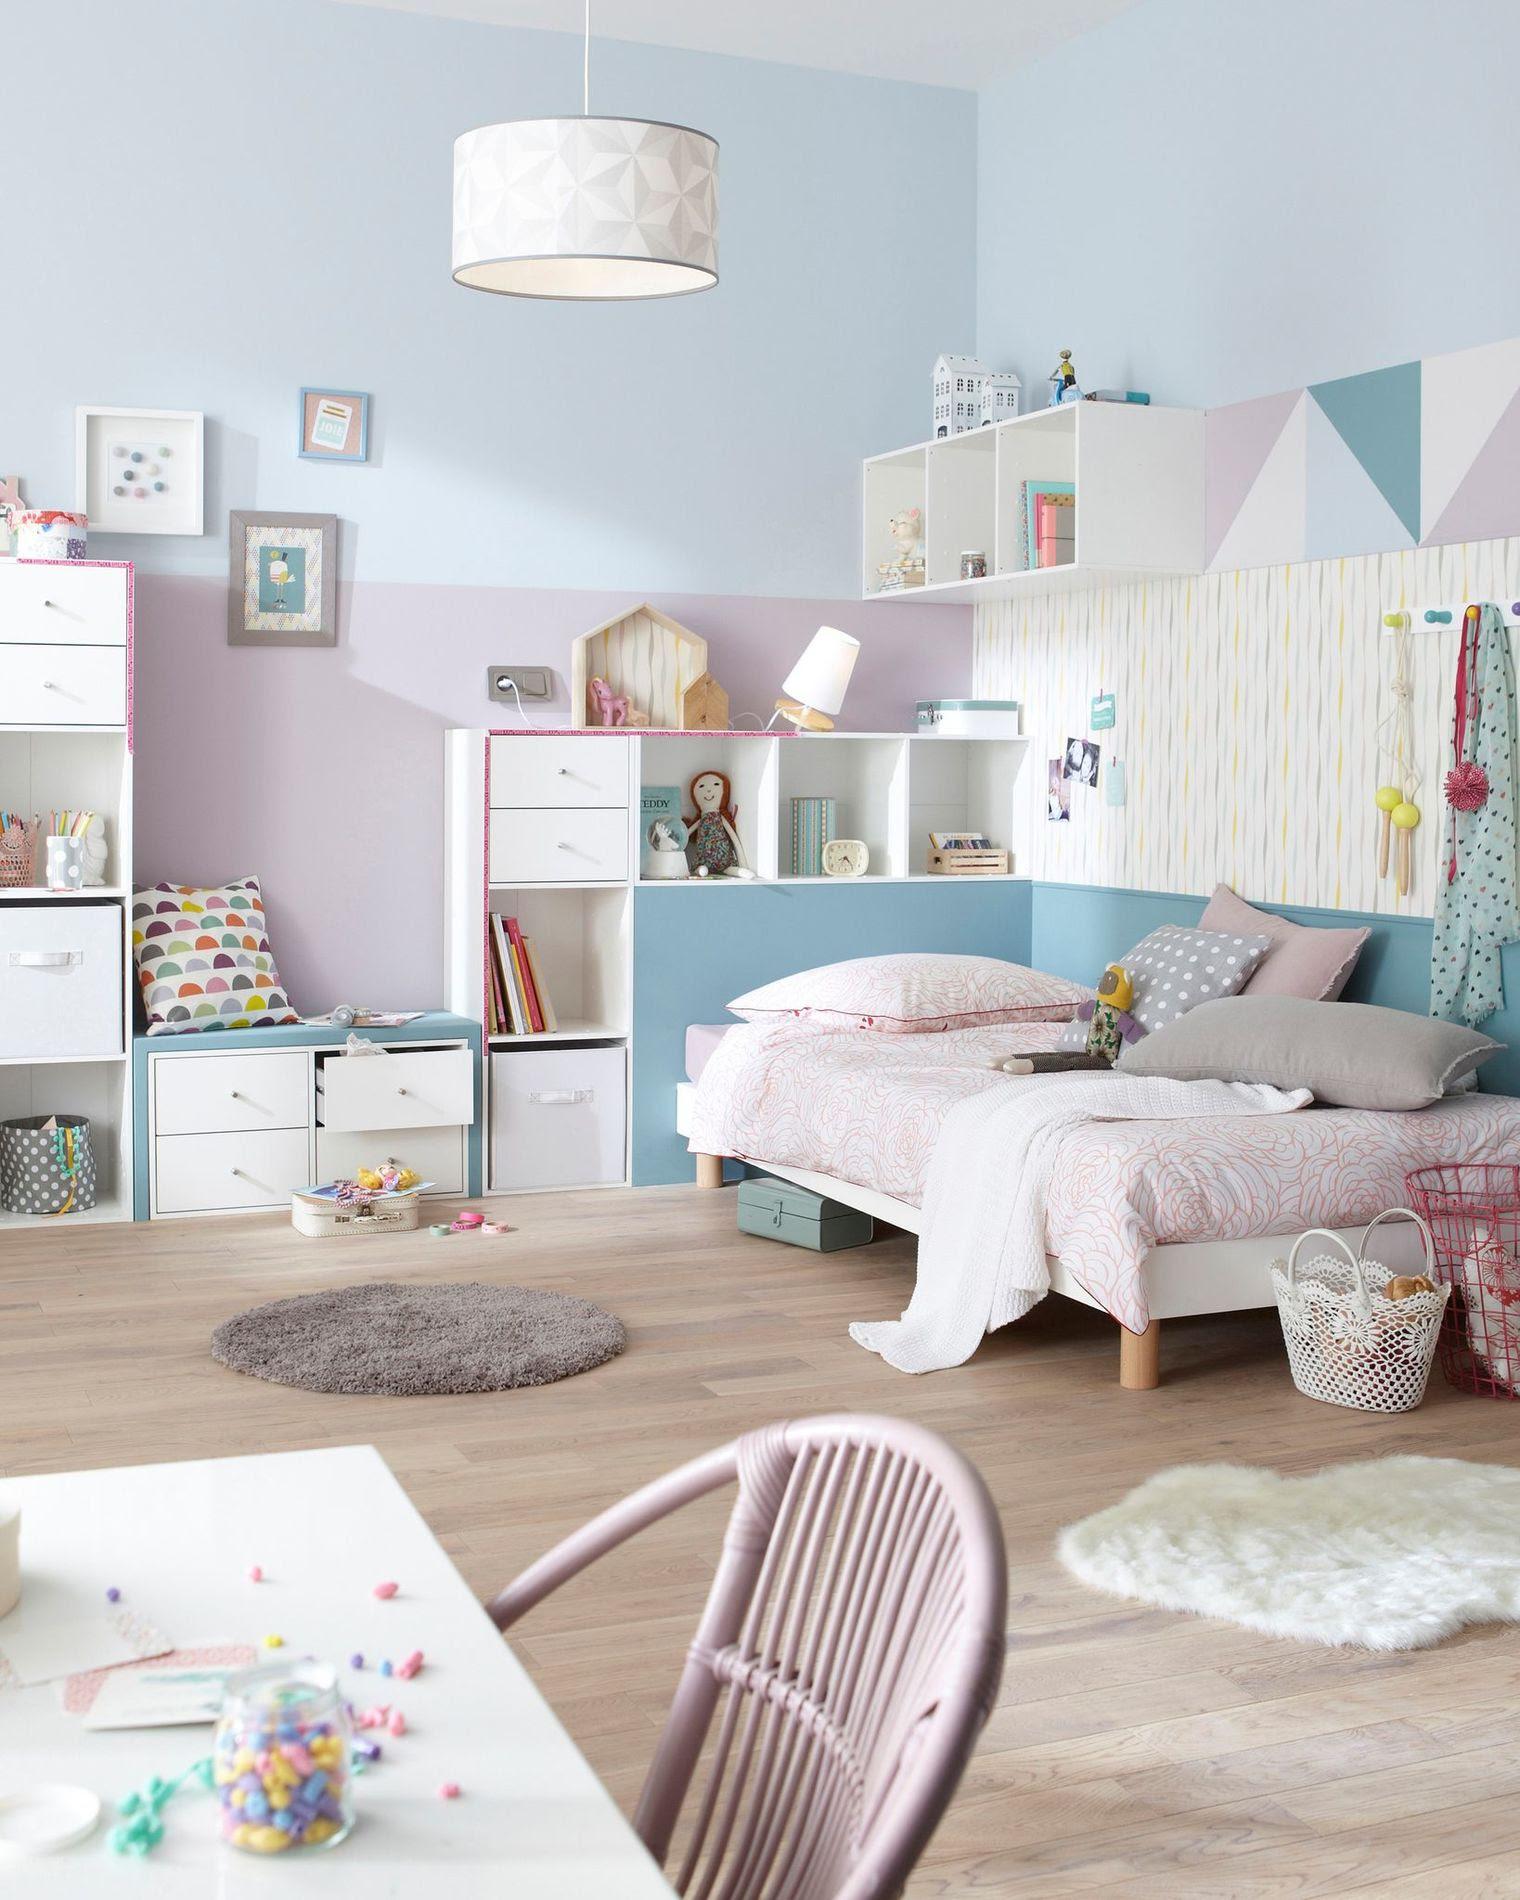 deco pastel dans la chambre d enfant avec la peinture luxens_5402461